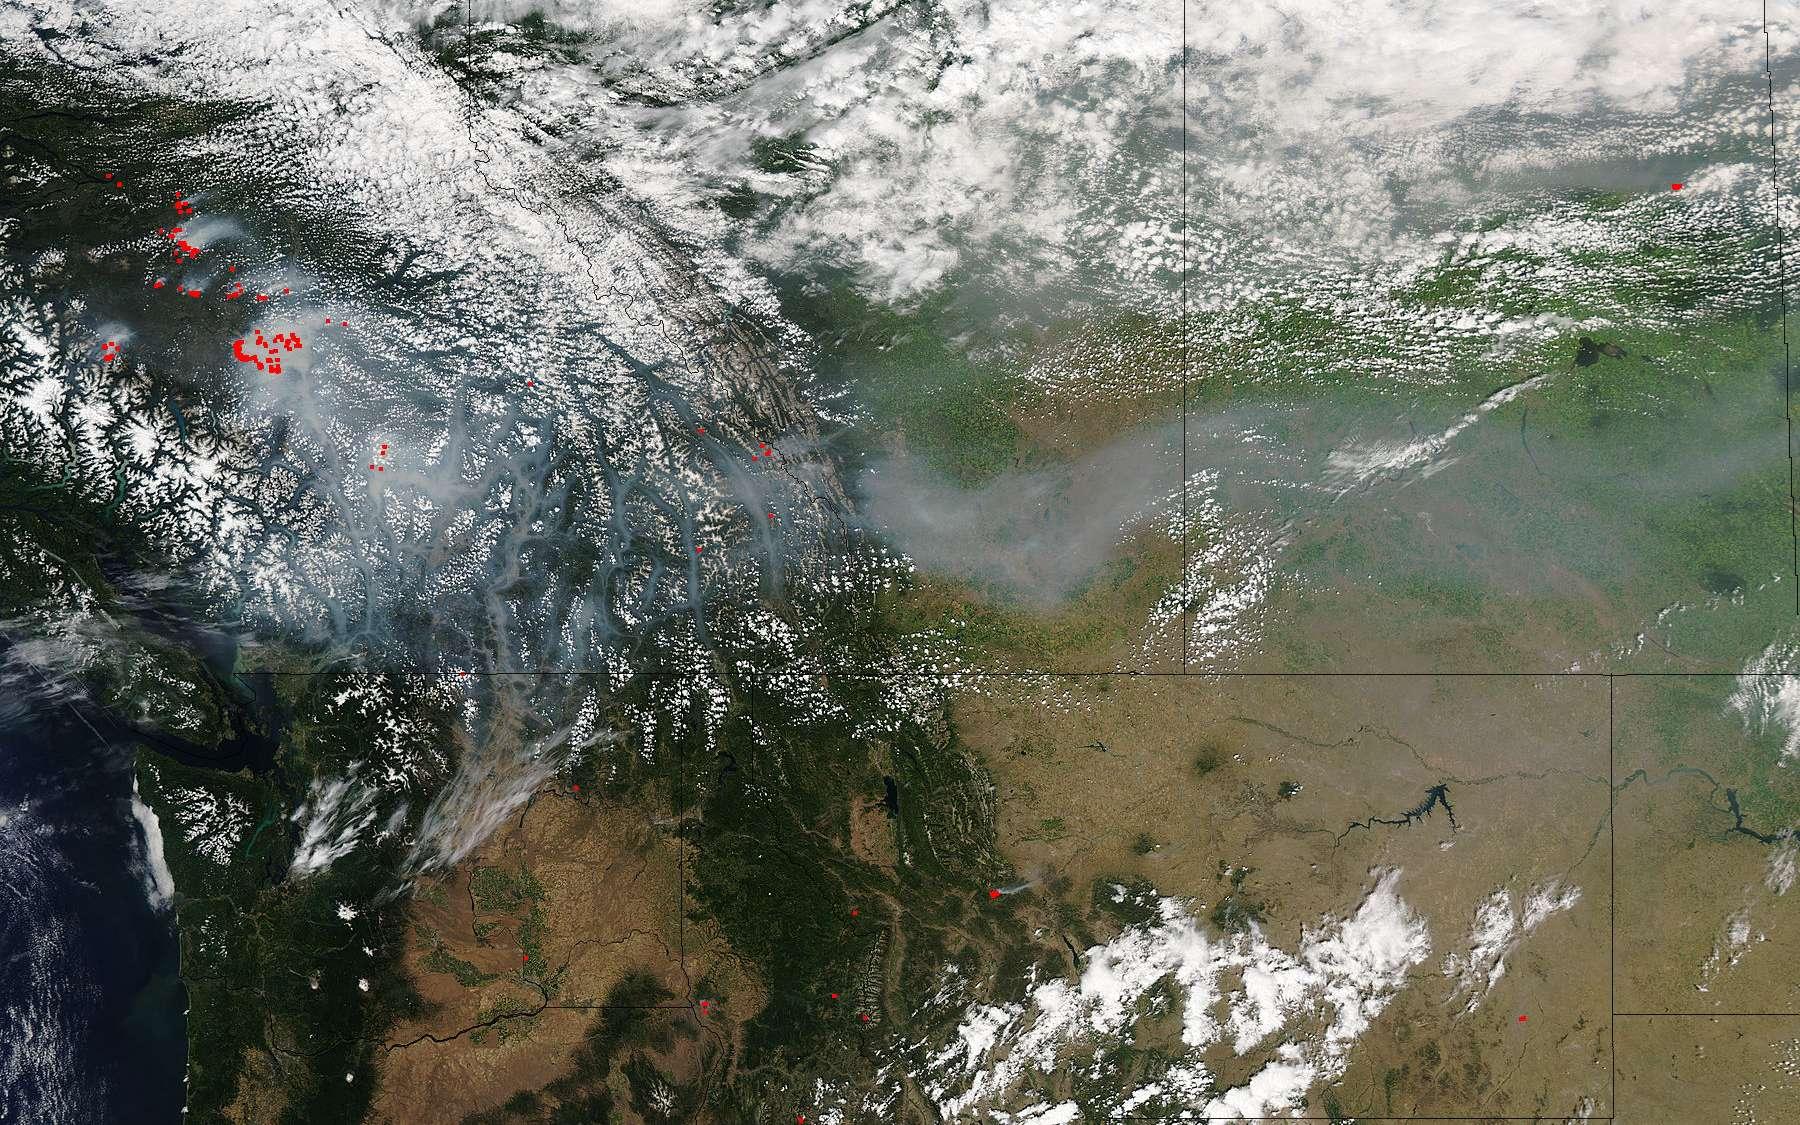 L'intelligence artificielle vient à la rescousse des satellites. Ici, feu repéré par le satellite Aqua de la Nasa, au sud de la Colombie-Britannique, au Canada. © Jeff Schmaltz, MODIS Land Rapid Response Team, NASA GSFC